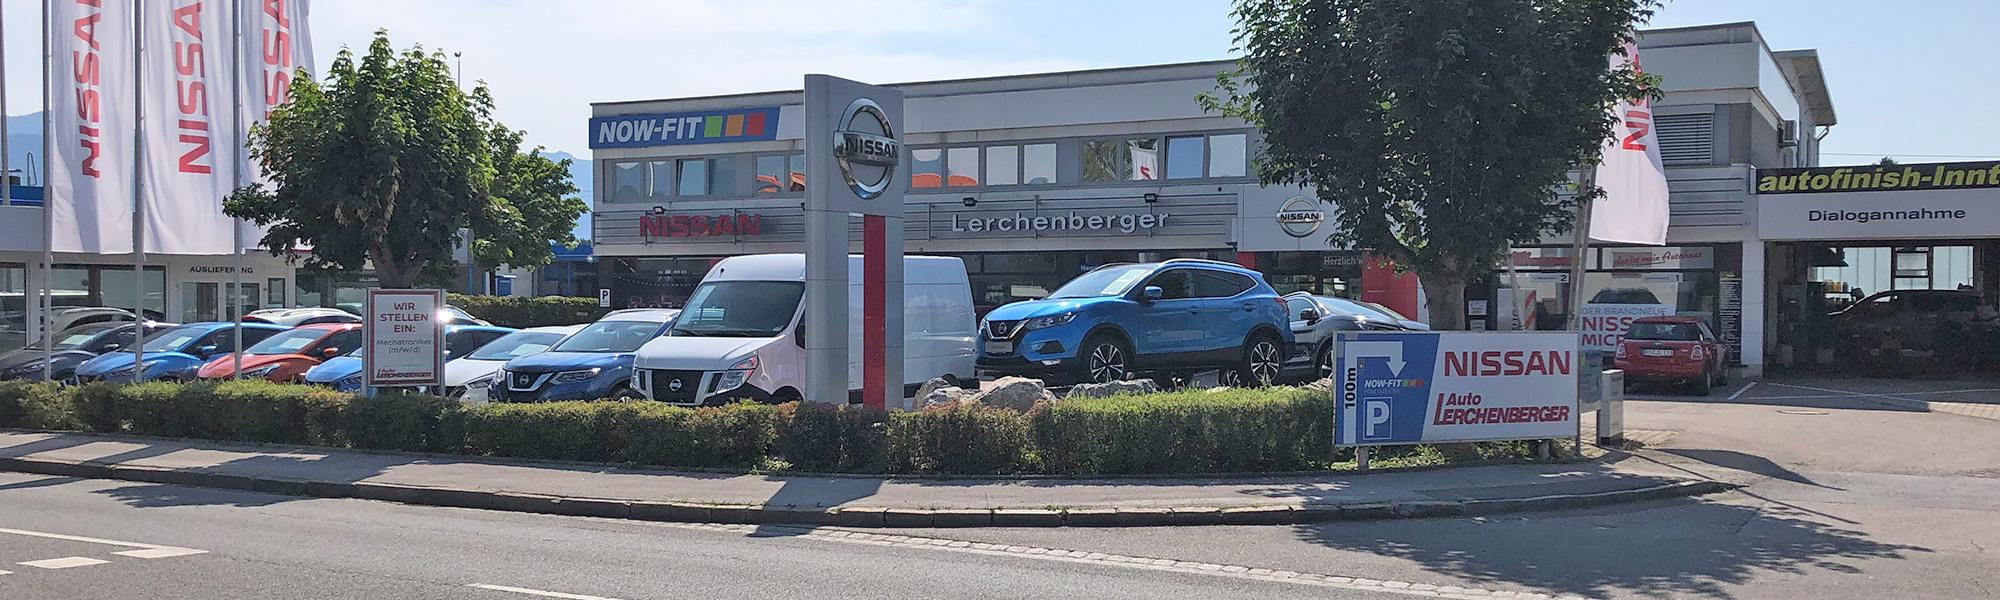 Autohaus Lerchenberger